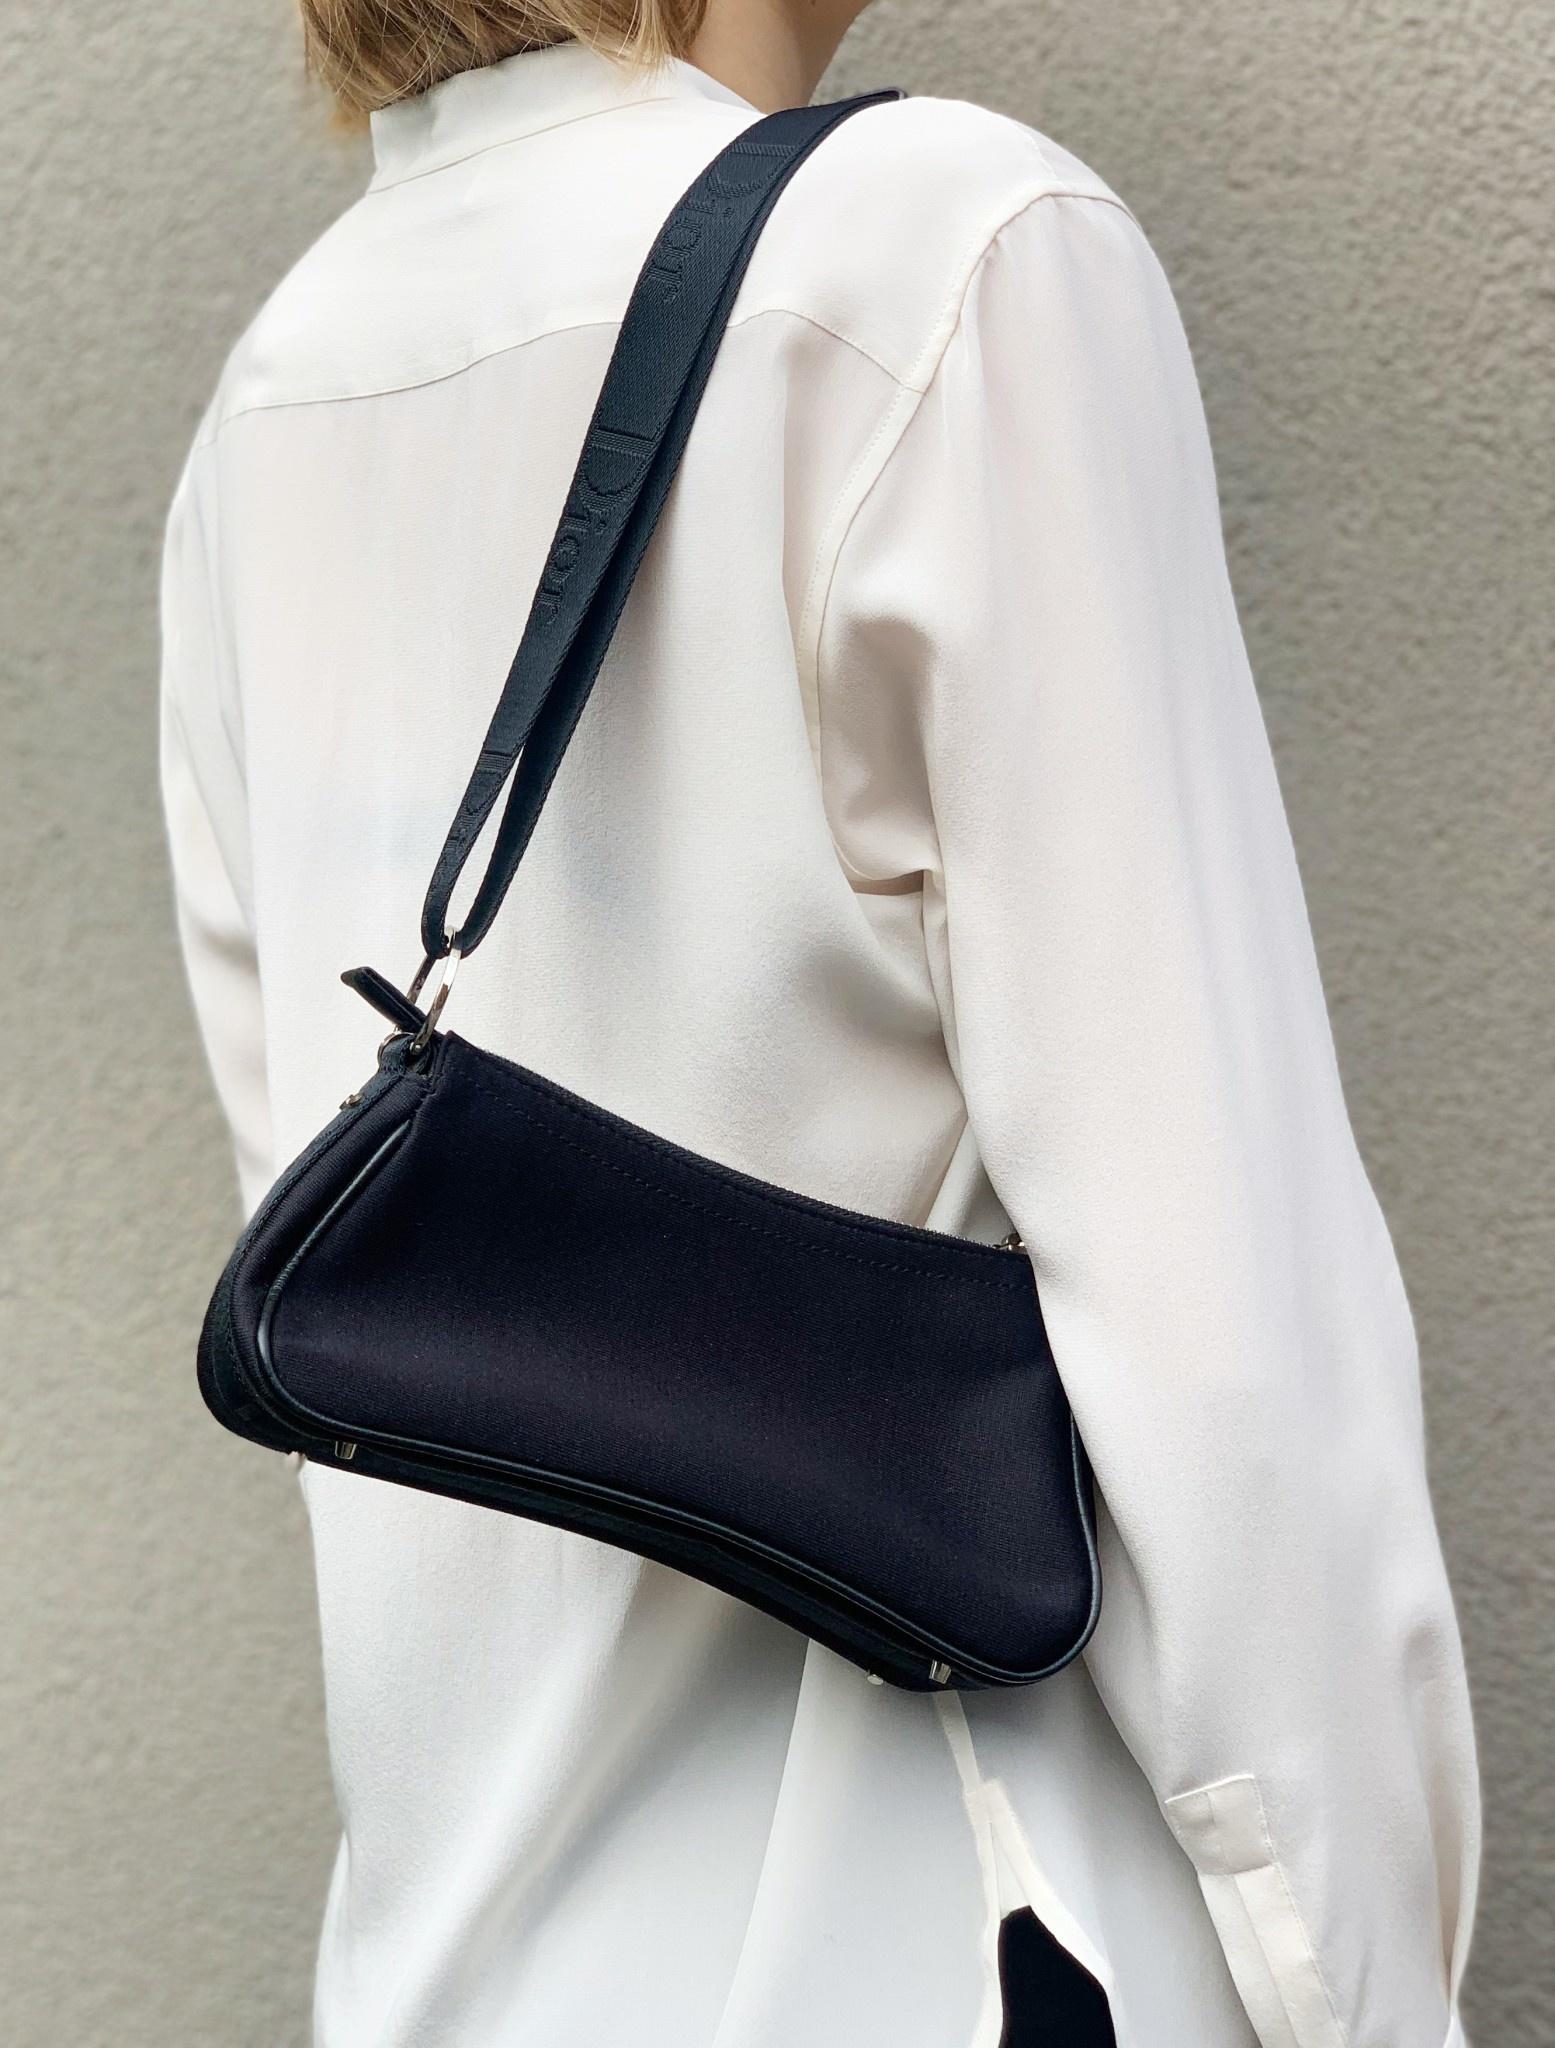 Dior BLACK NYLON HANDBAG